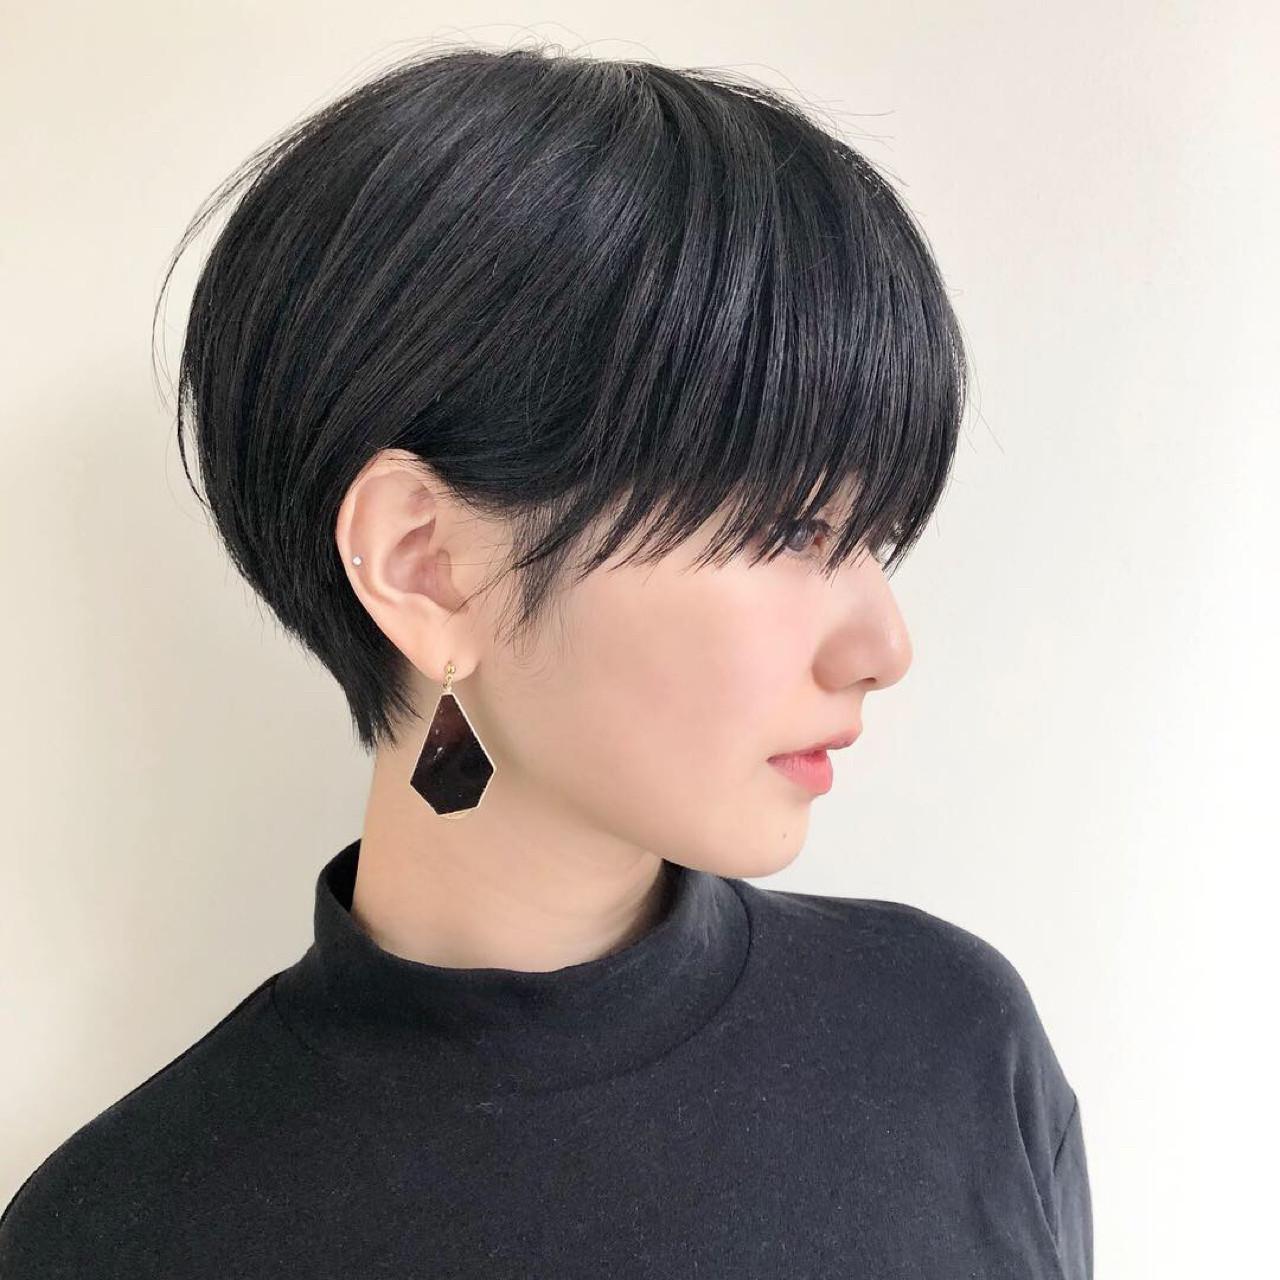 小顔 モード デート 前髪あり ヘアスタイルや髪型の写真・画像